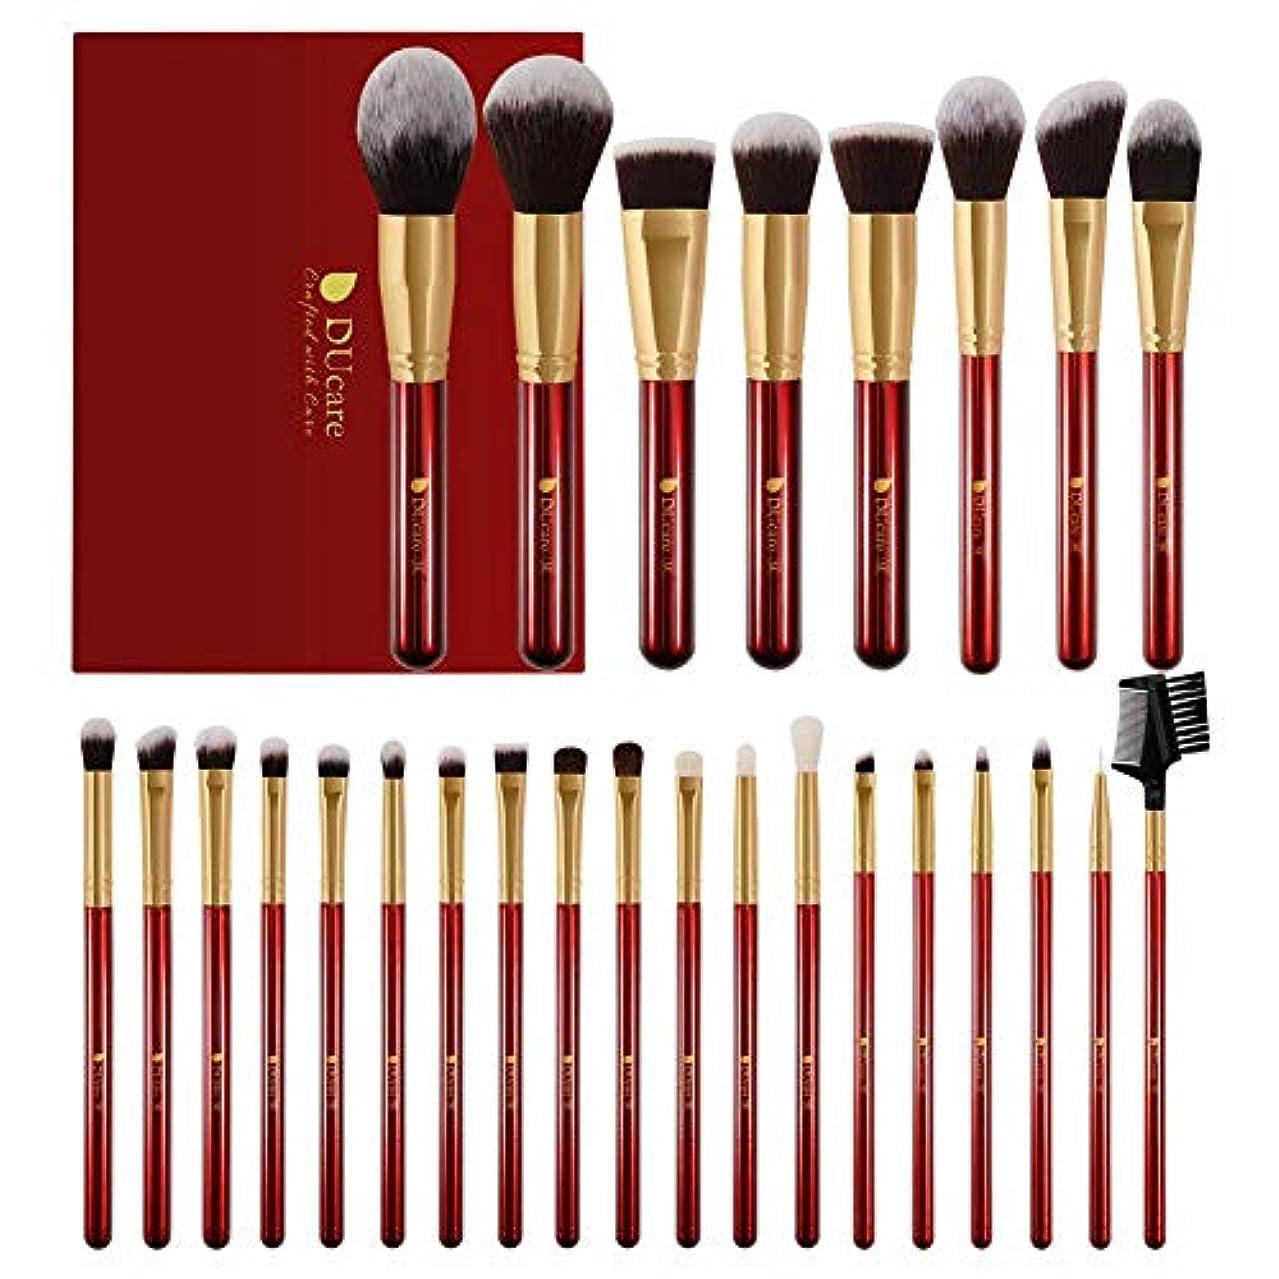 アブストラクトるギャンブルDUcare ドゥケア メイクブラシ 27本セット 化粧筆 フェイスブラシ PBT毛&天然毛 (赤) 同シリーズでブラックあり